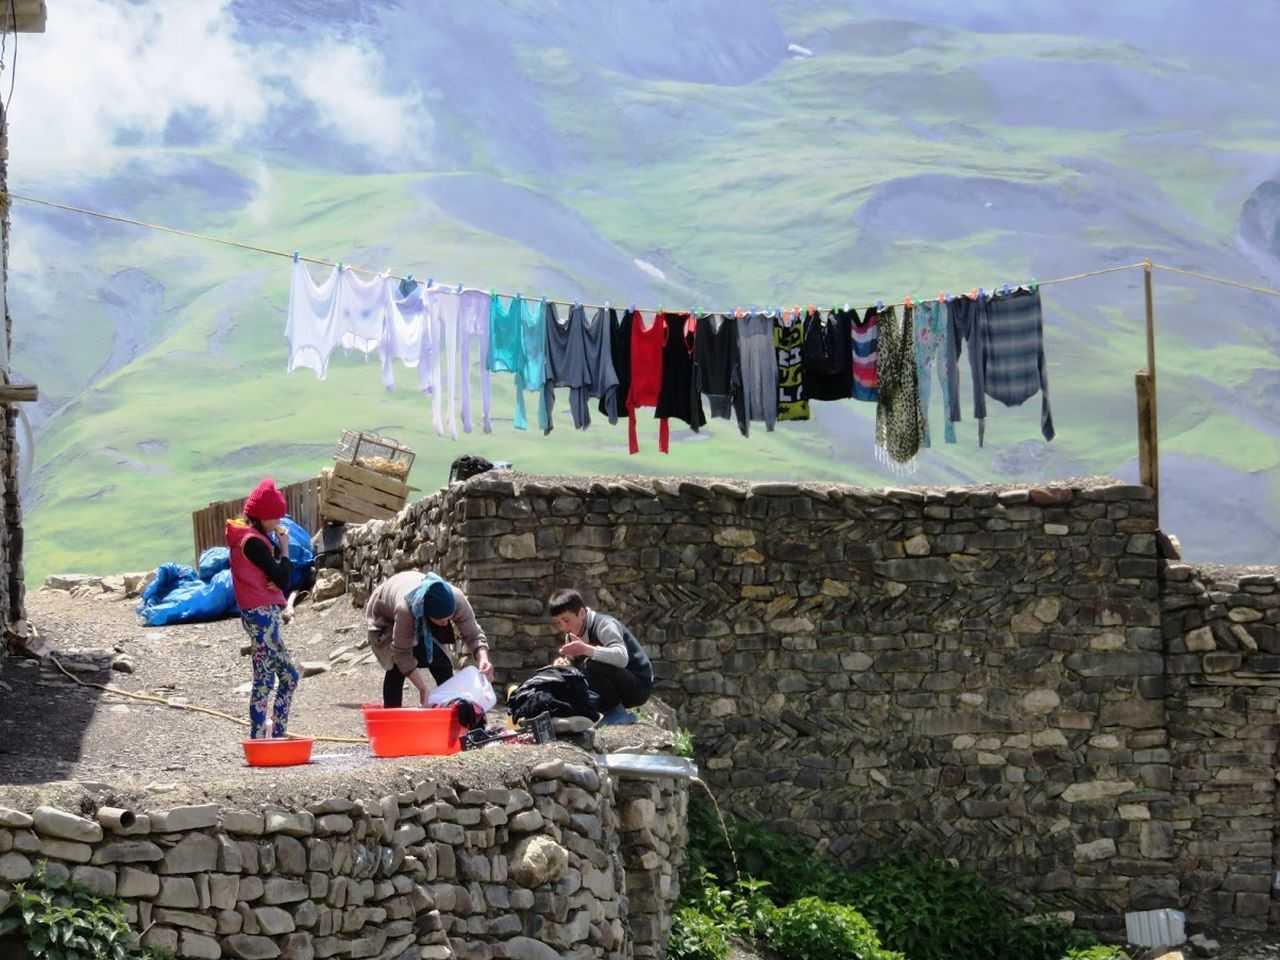 Khinaluq people in Xinaliq, Azerbeaijan, Europe